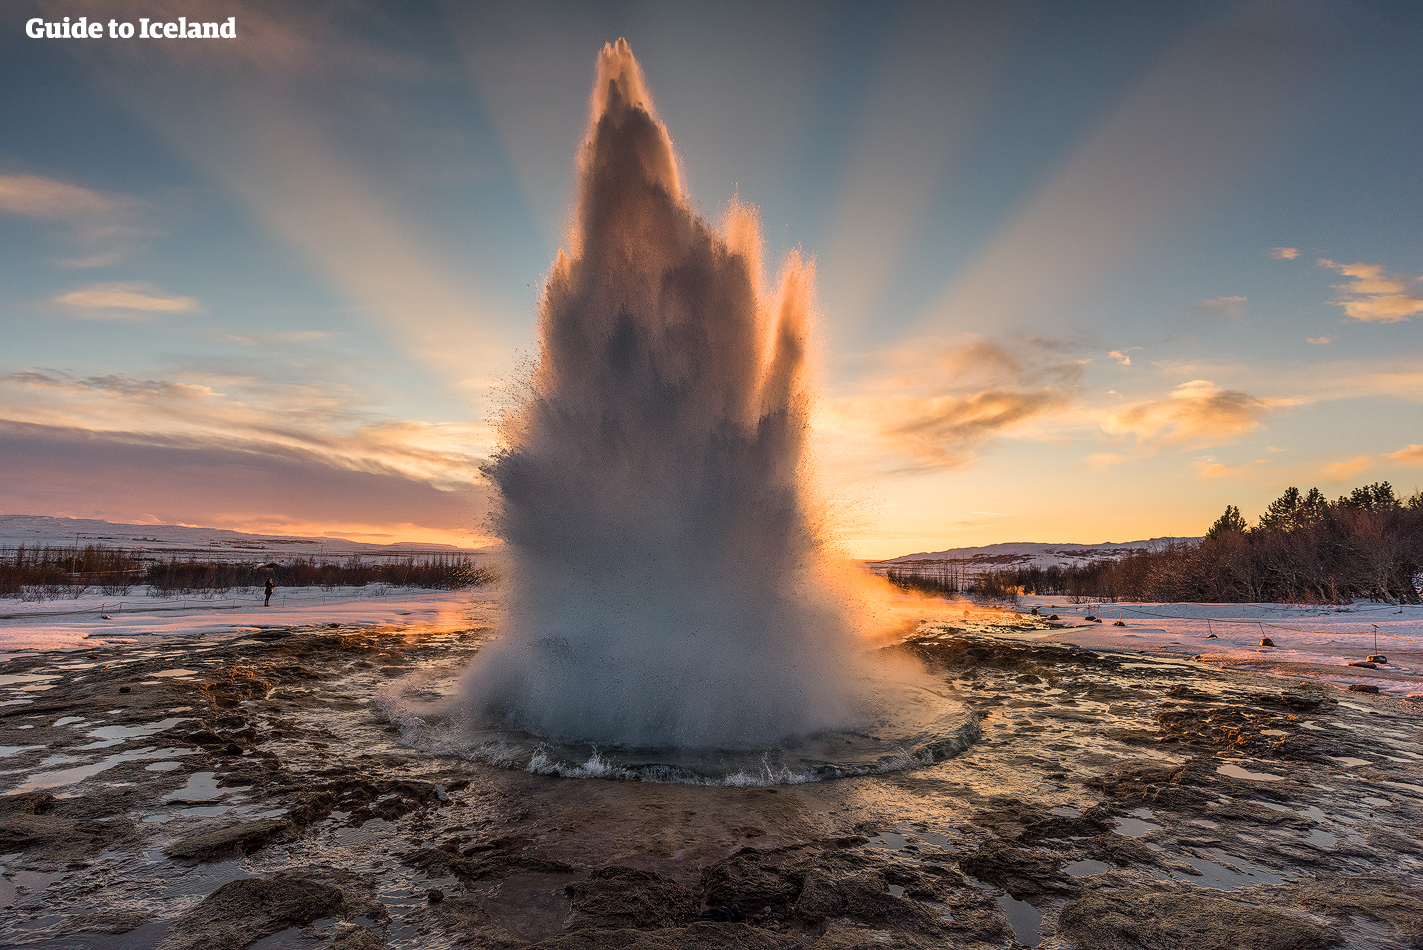 Il geyser di Strokkur nella zona geotermica di Geysir che esplode nel sole invernale.